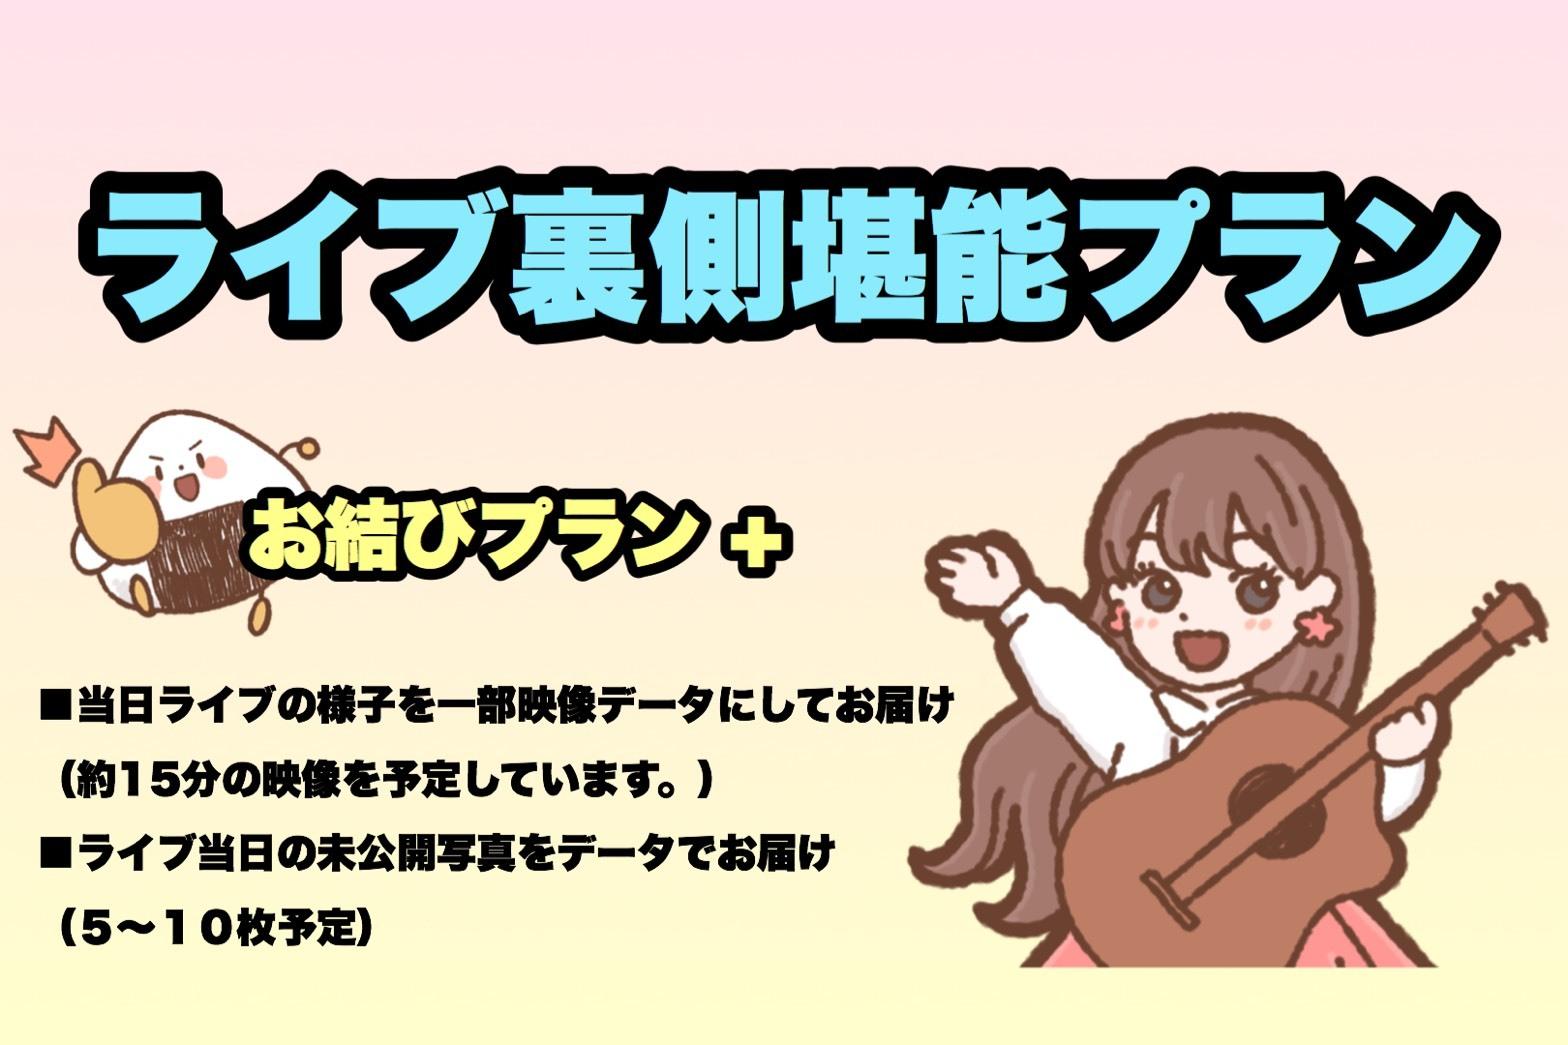 <ライブ裏側堪能 プラン>